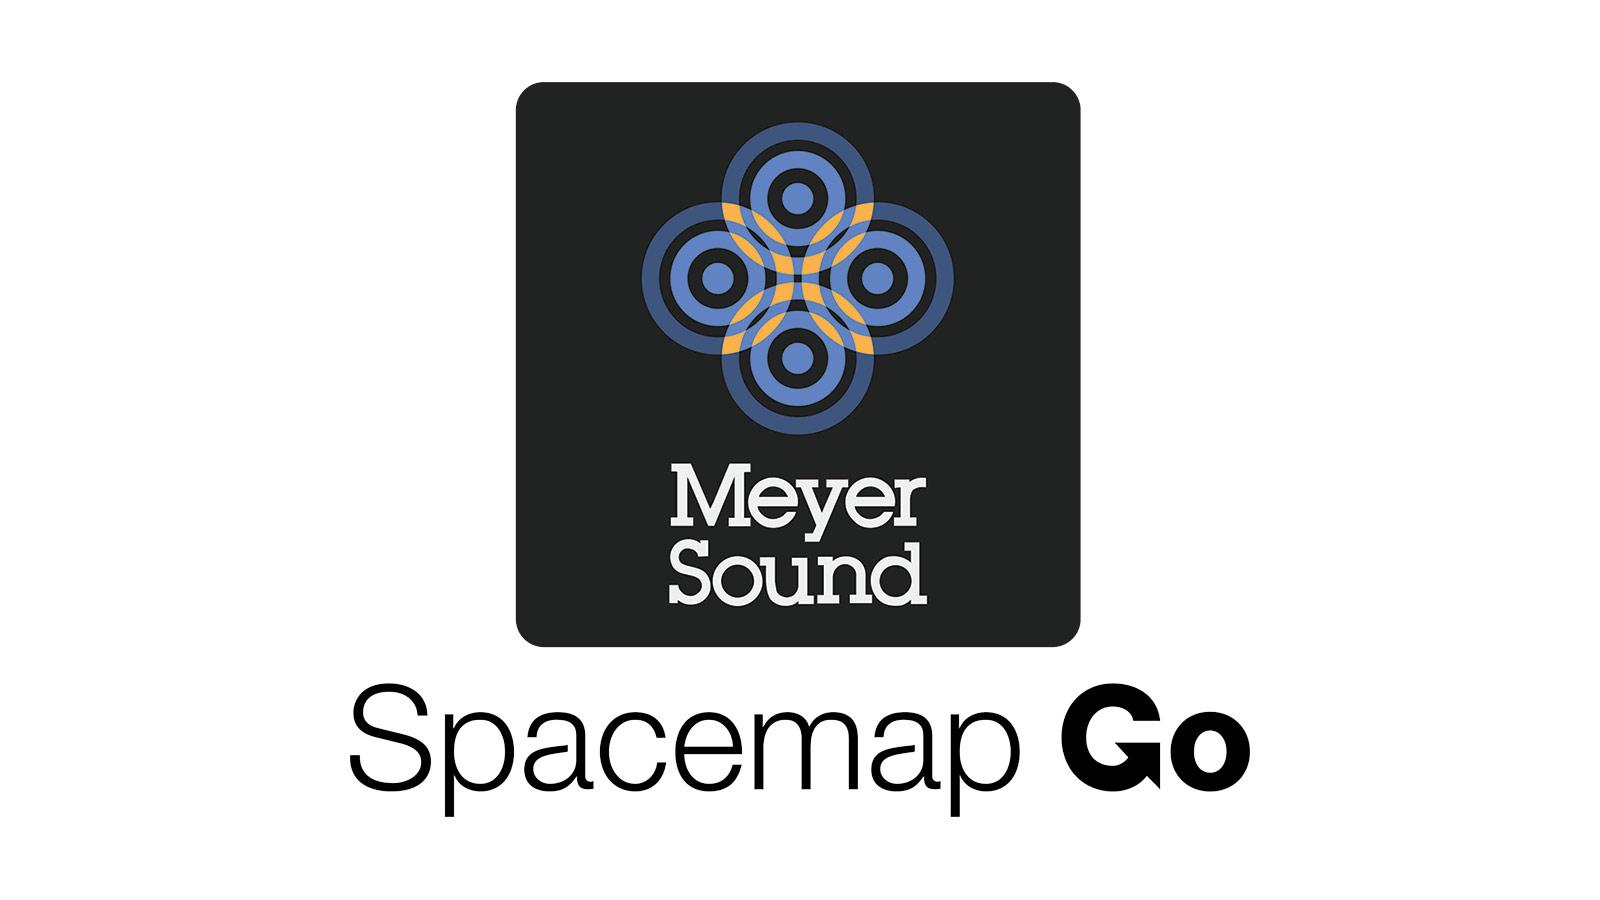 Aplicación Spacemap Go de Meyer Sound